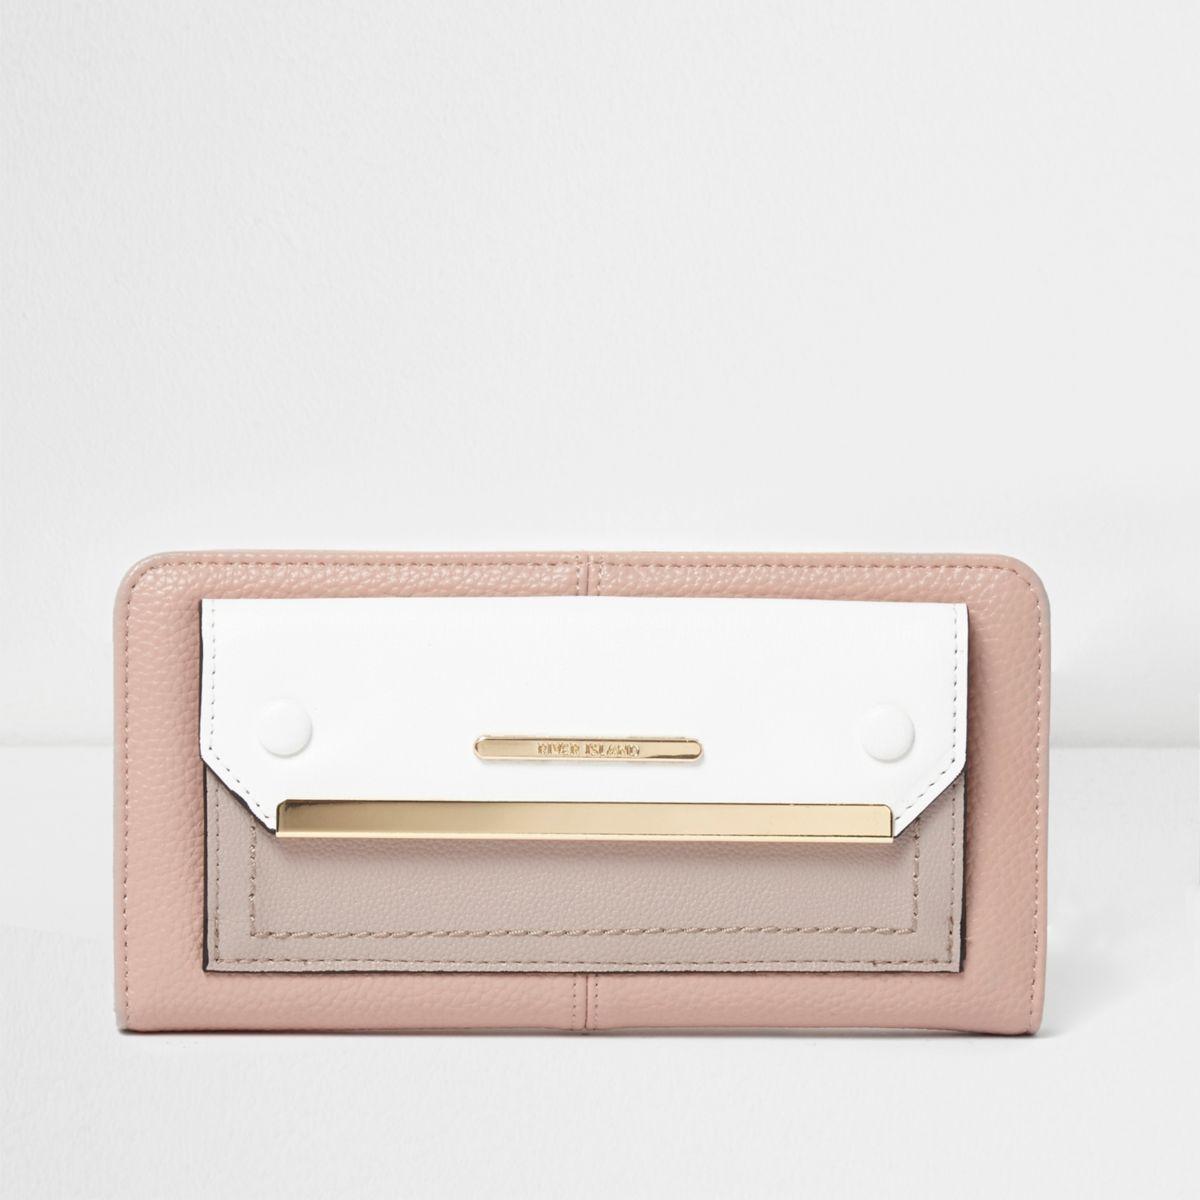 Cream color block zip around purse